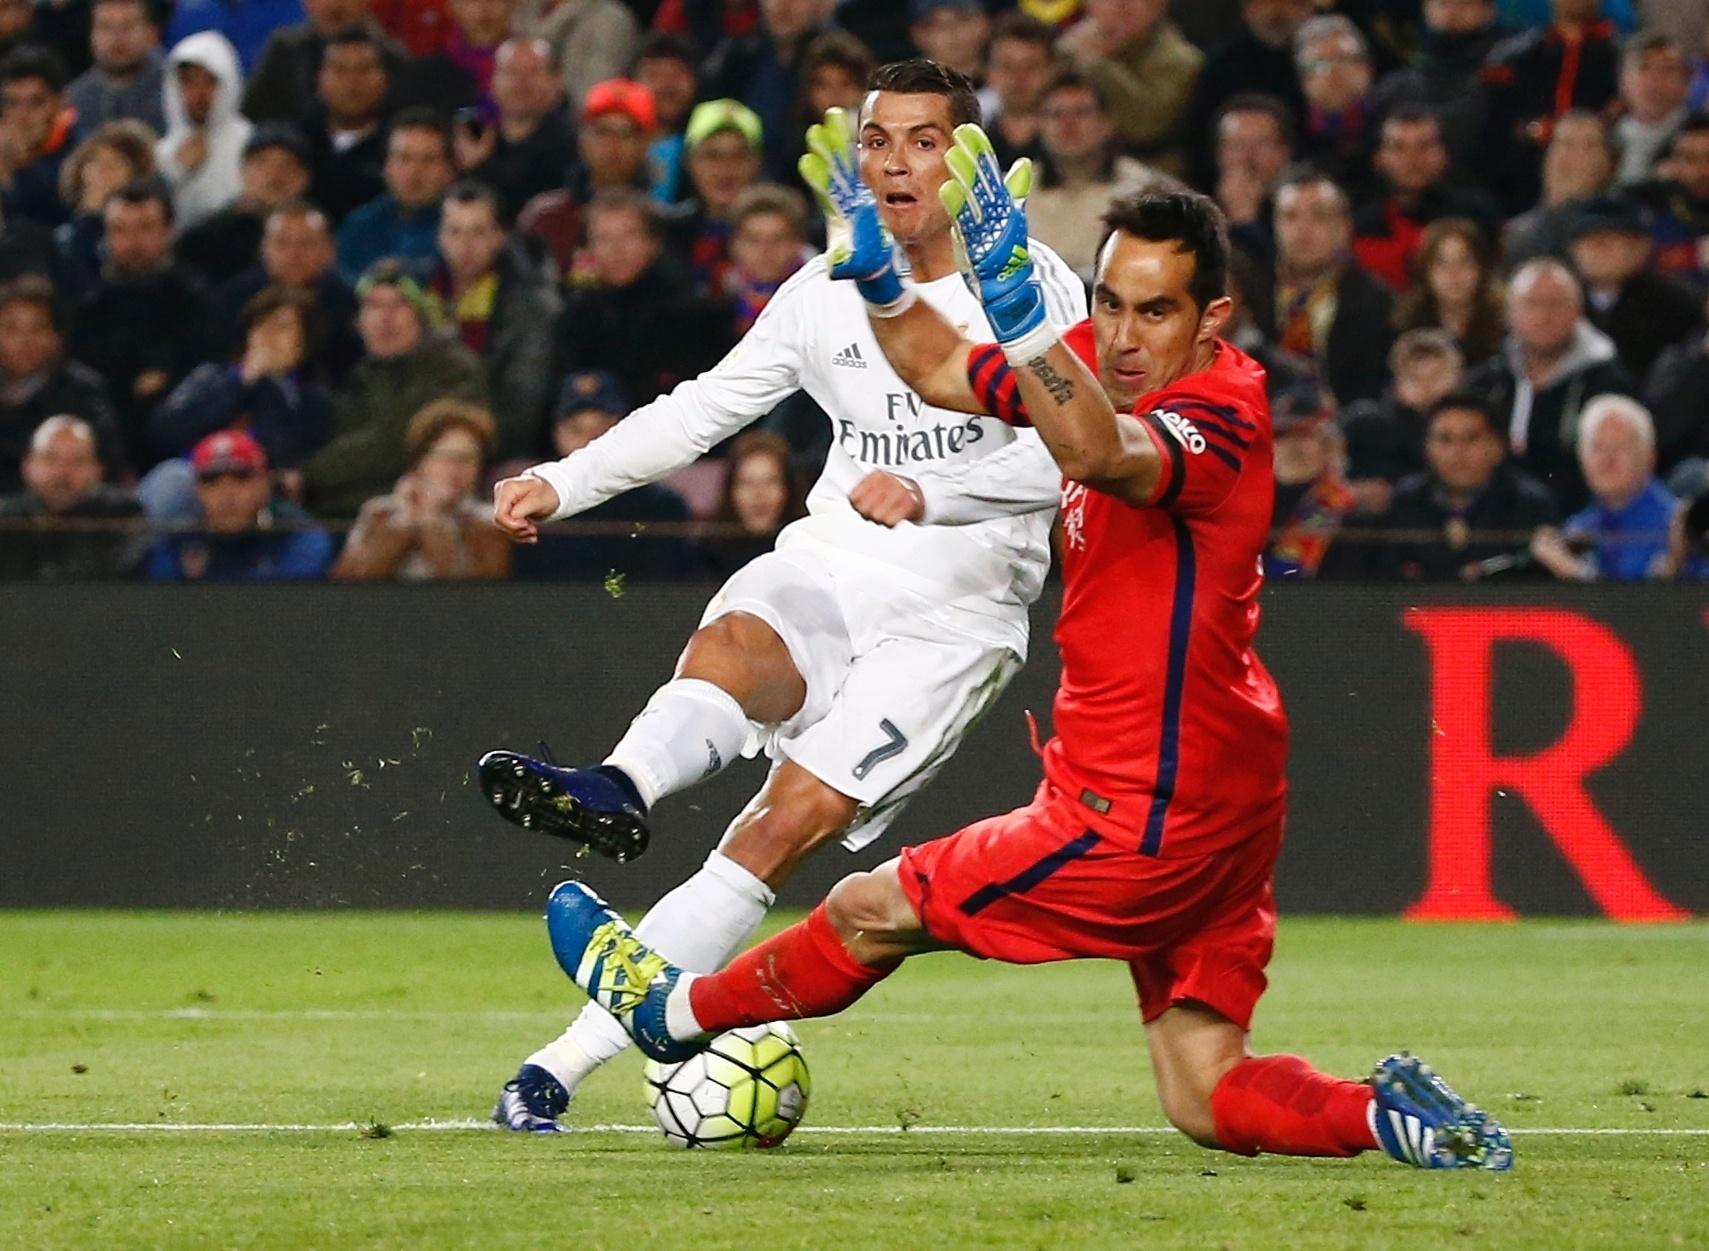 Detalhe do momento em que Cristiano Ronaldo chuta e supera o goleiro Claudio Bravo para dar a vitória ao Real Madrid no clássico espanhol